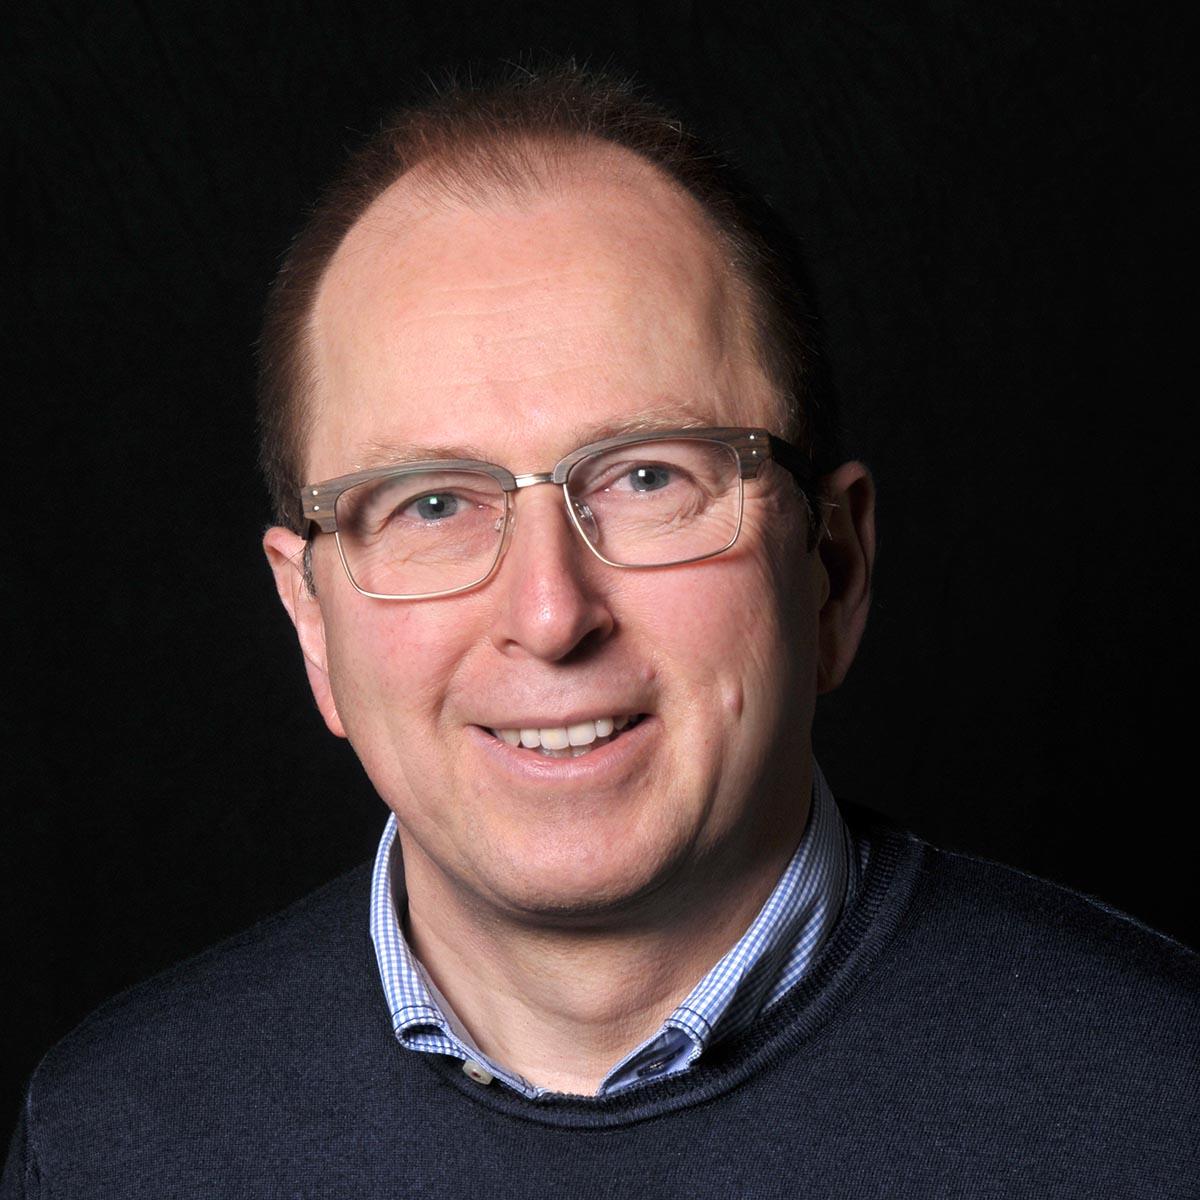 Dietmar Südbeck | Steuern und Finanzamt